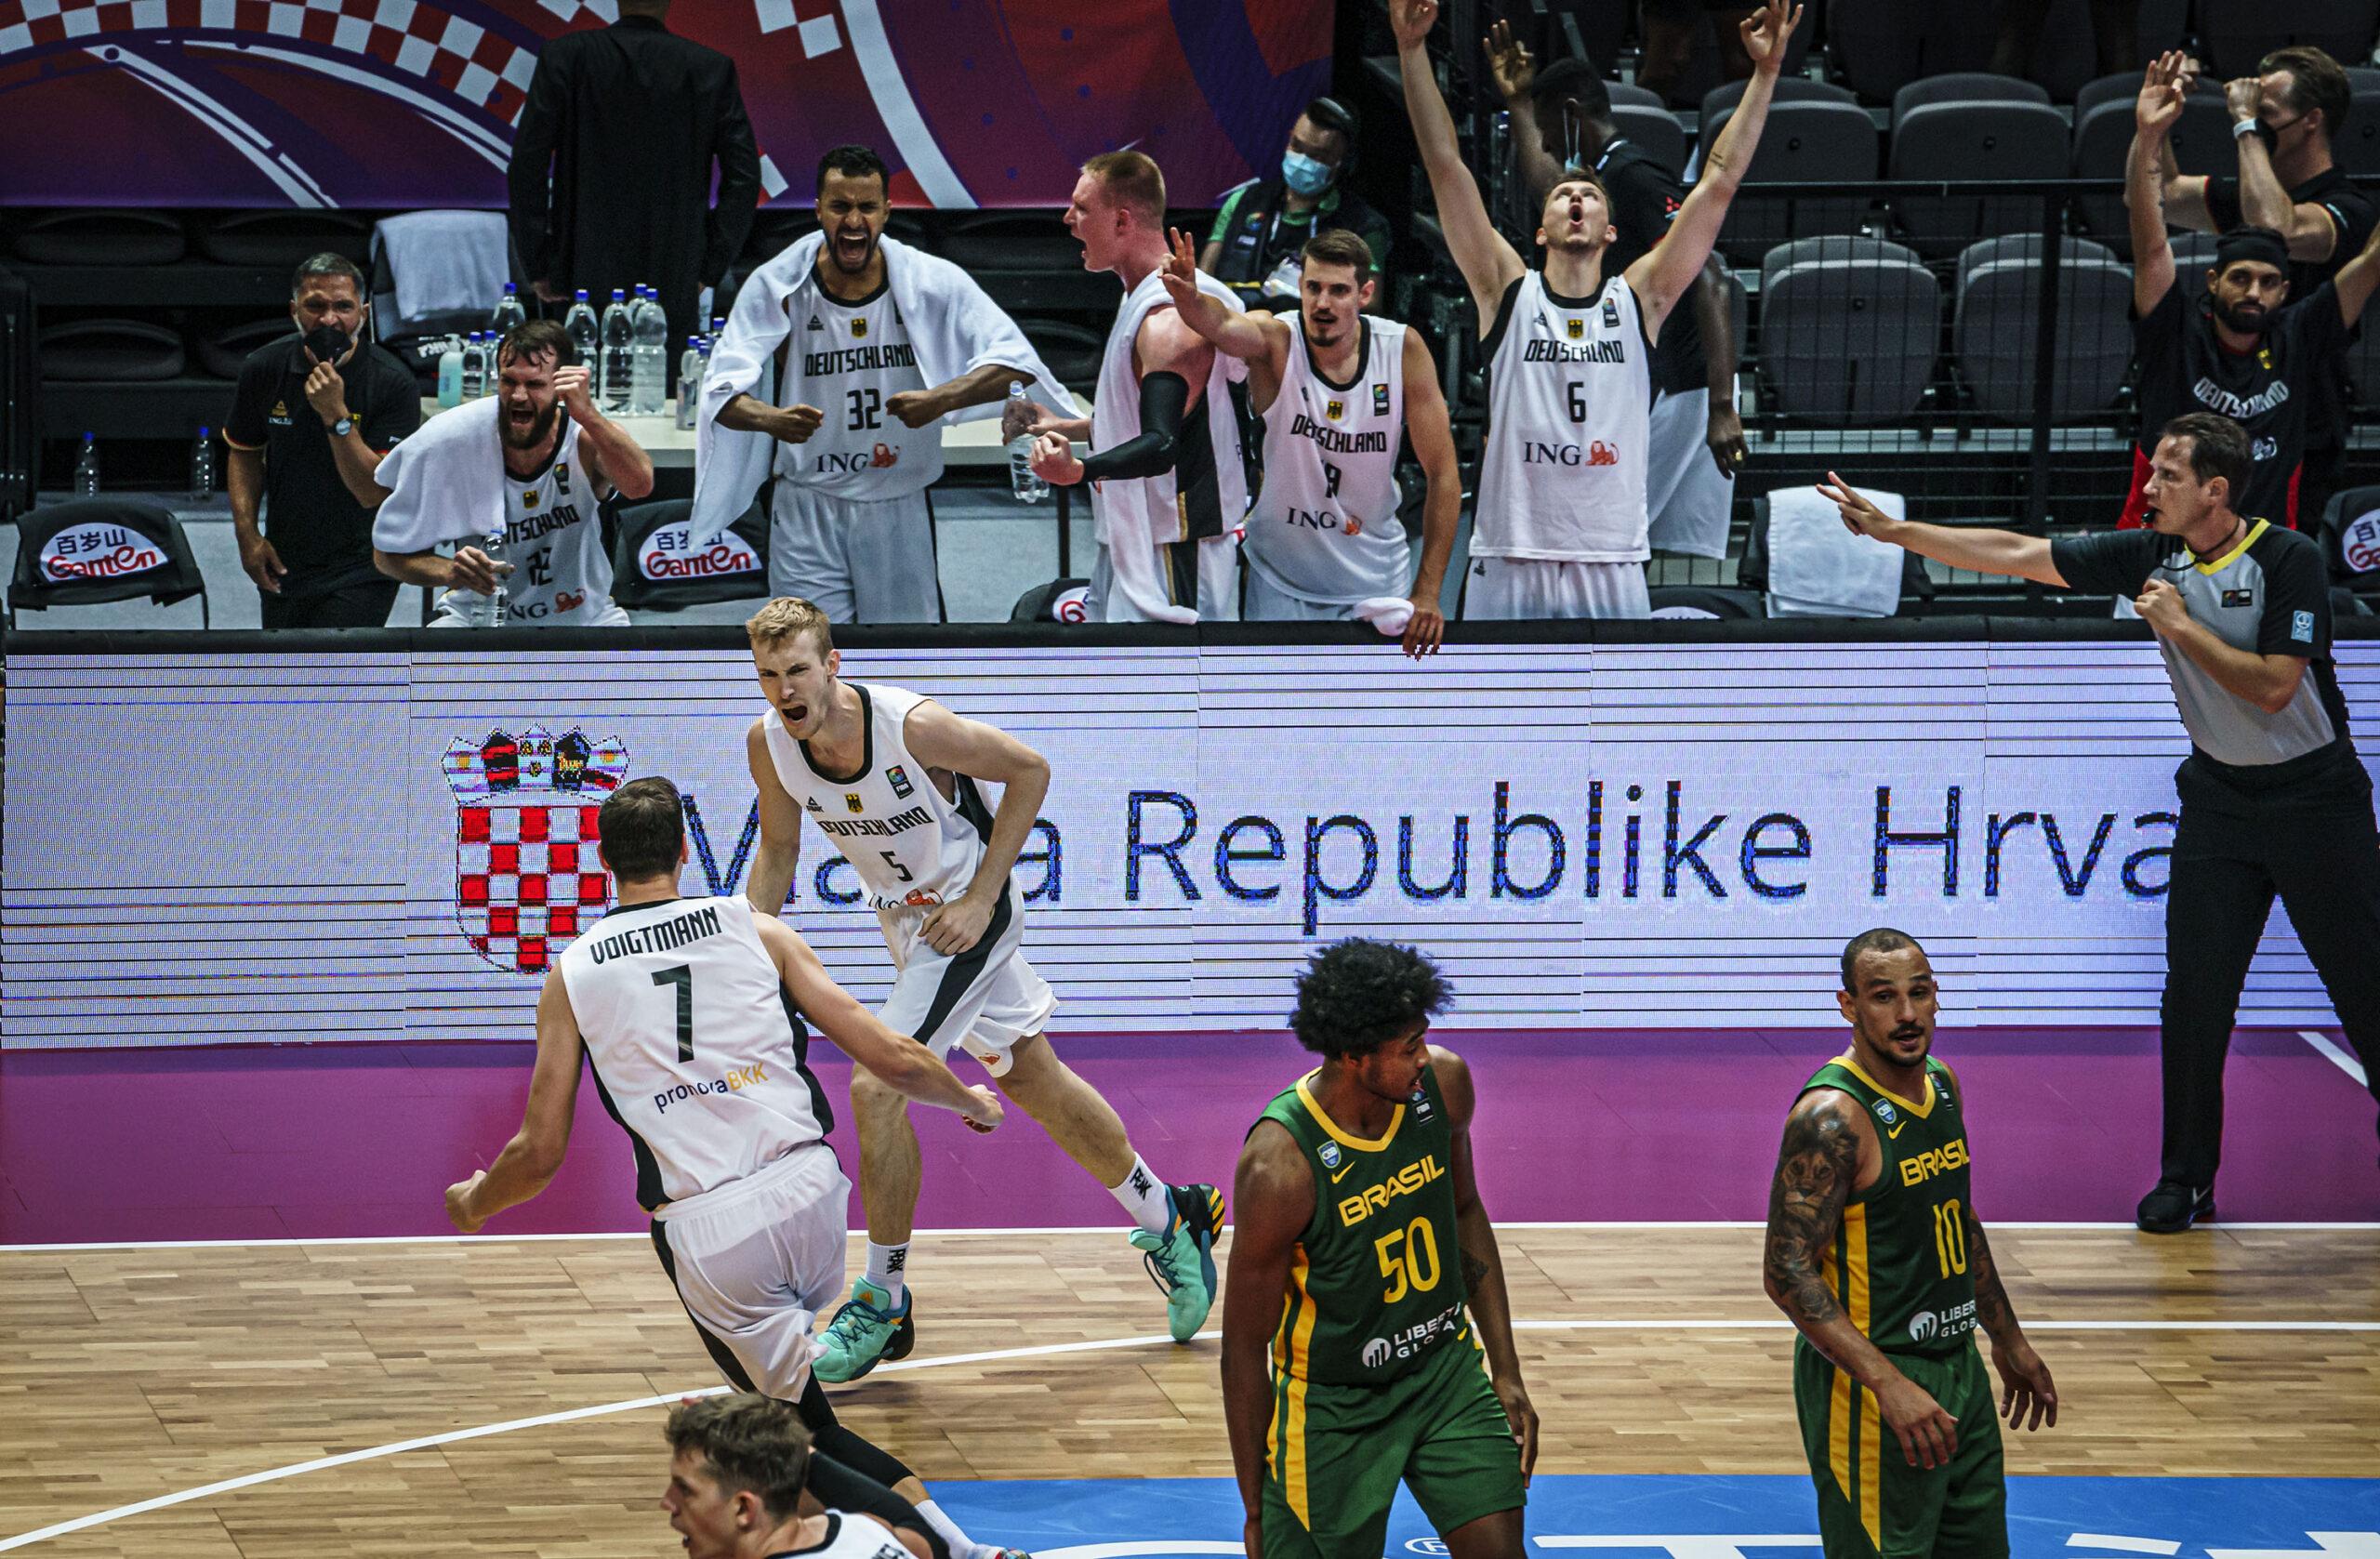 Brasil perde para a Alemanha e está fora das olimpíadas